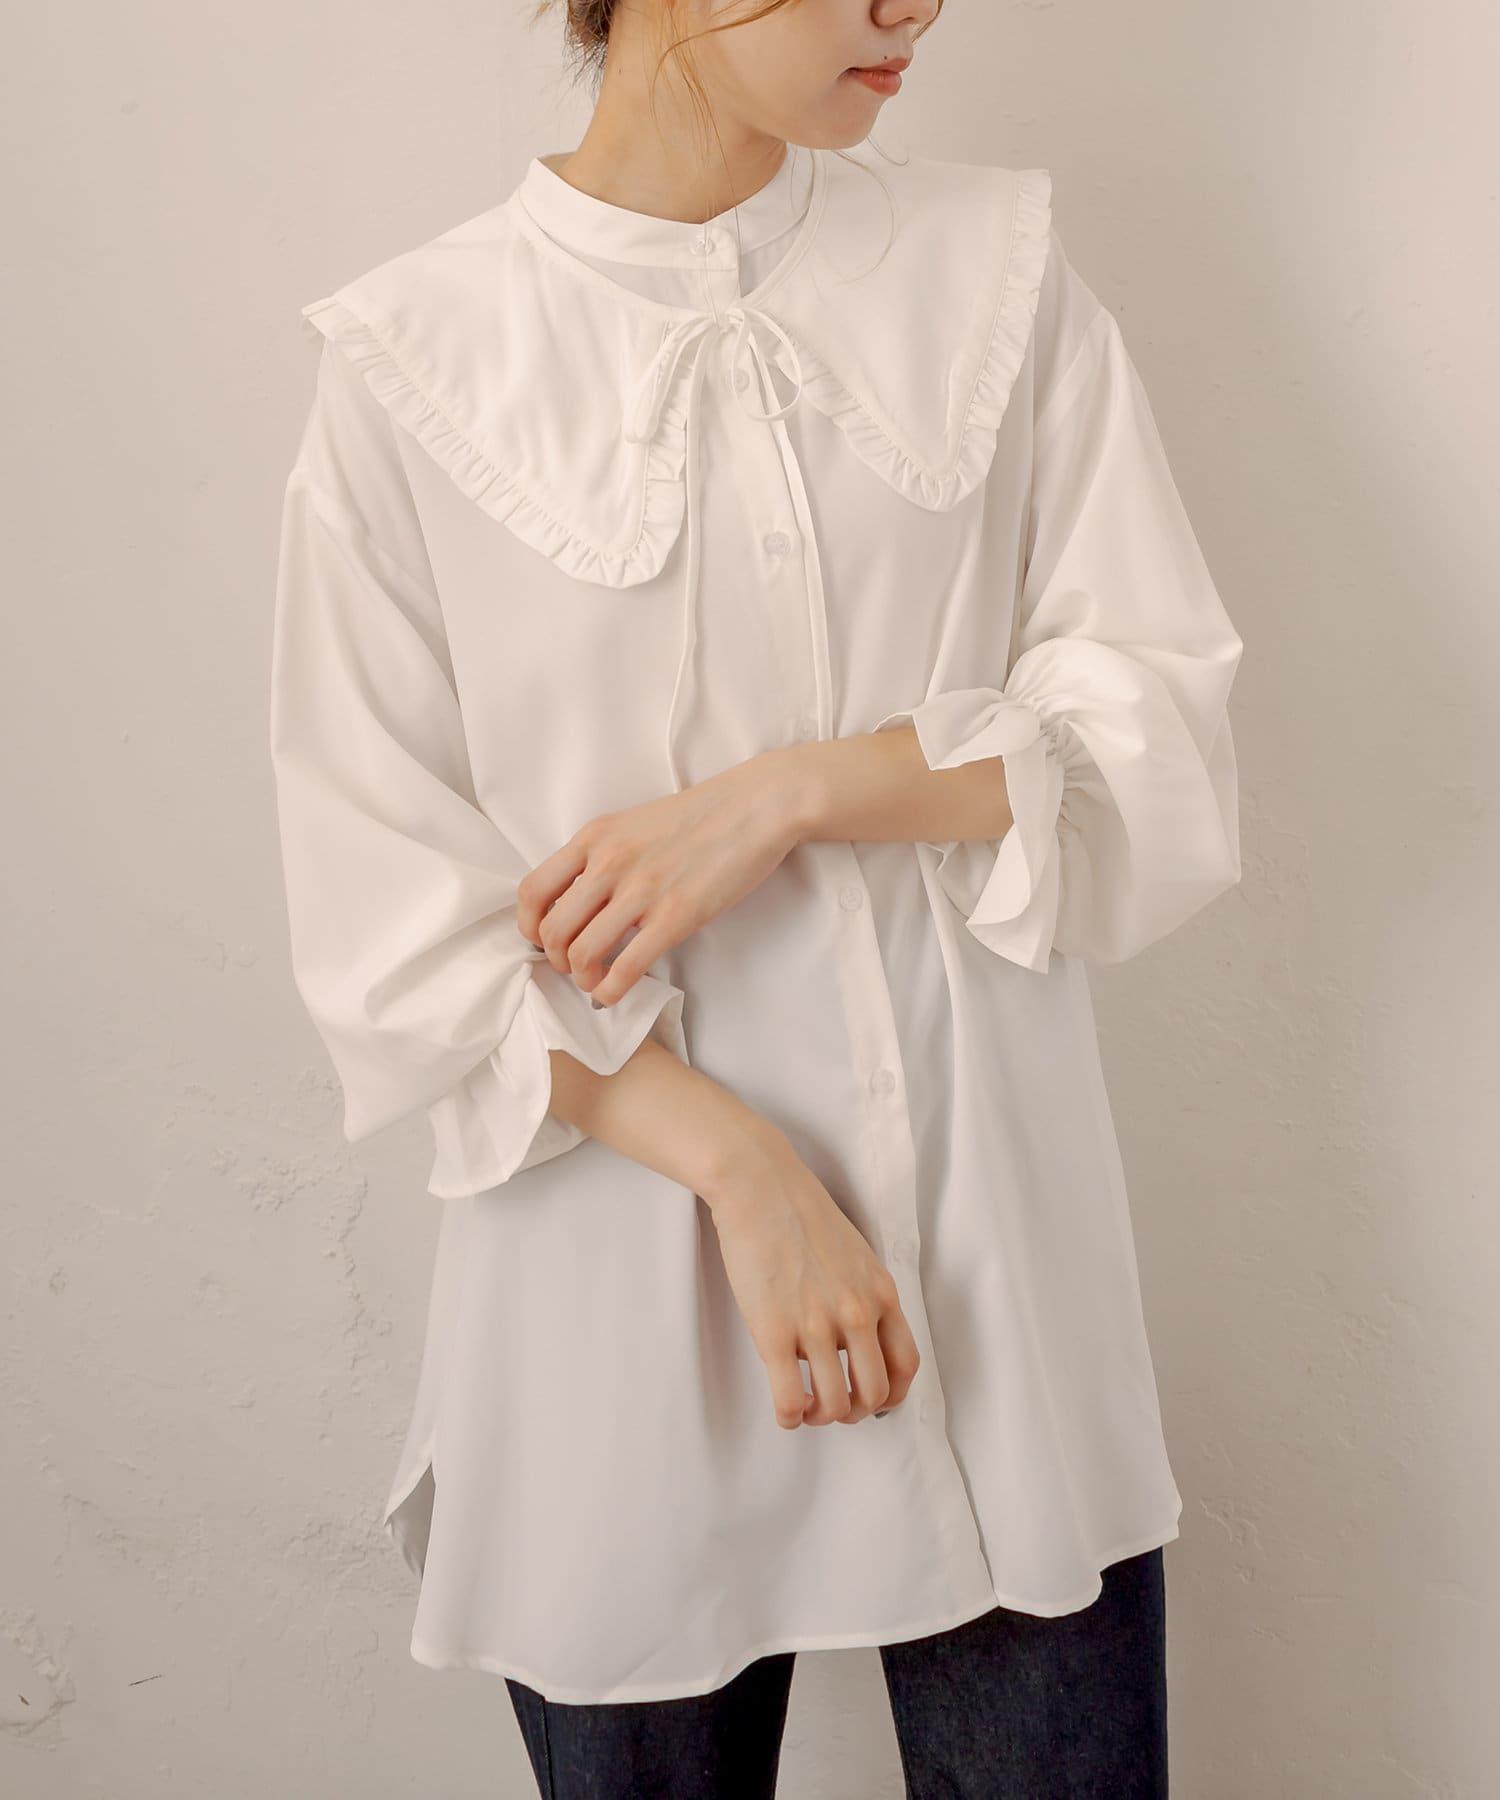 OLIVE des OLIVE(オリーブ デ オリーブ) フリル衿取り外しチュニックシャツ